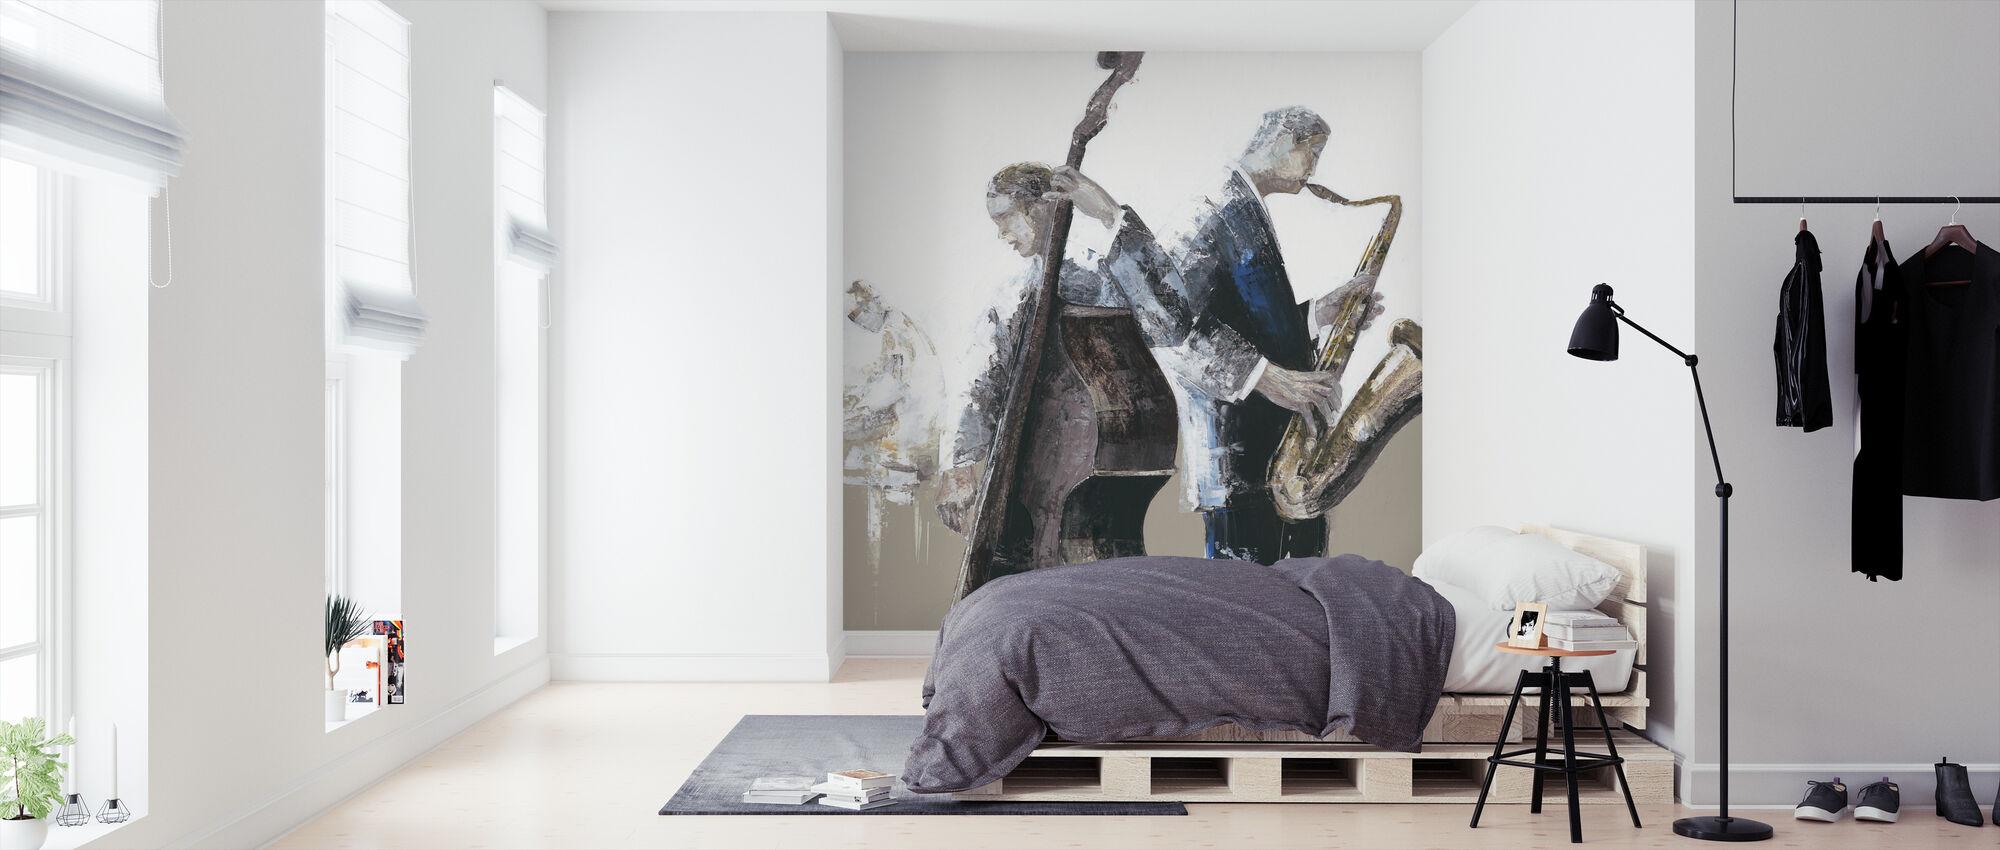 Jazz Band - Wallpaper - Bedroom